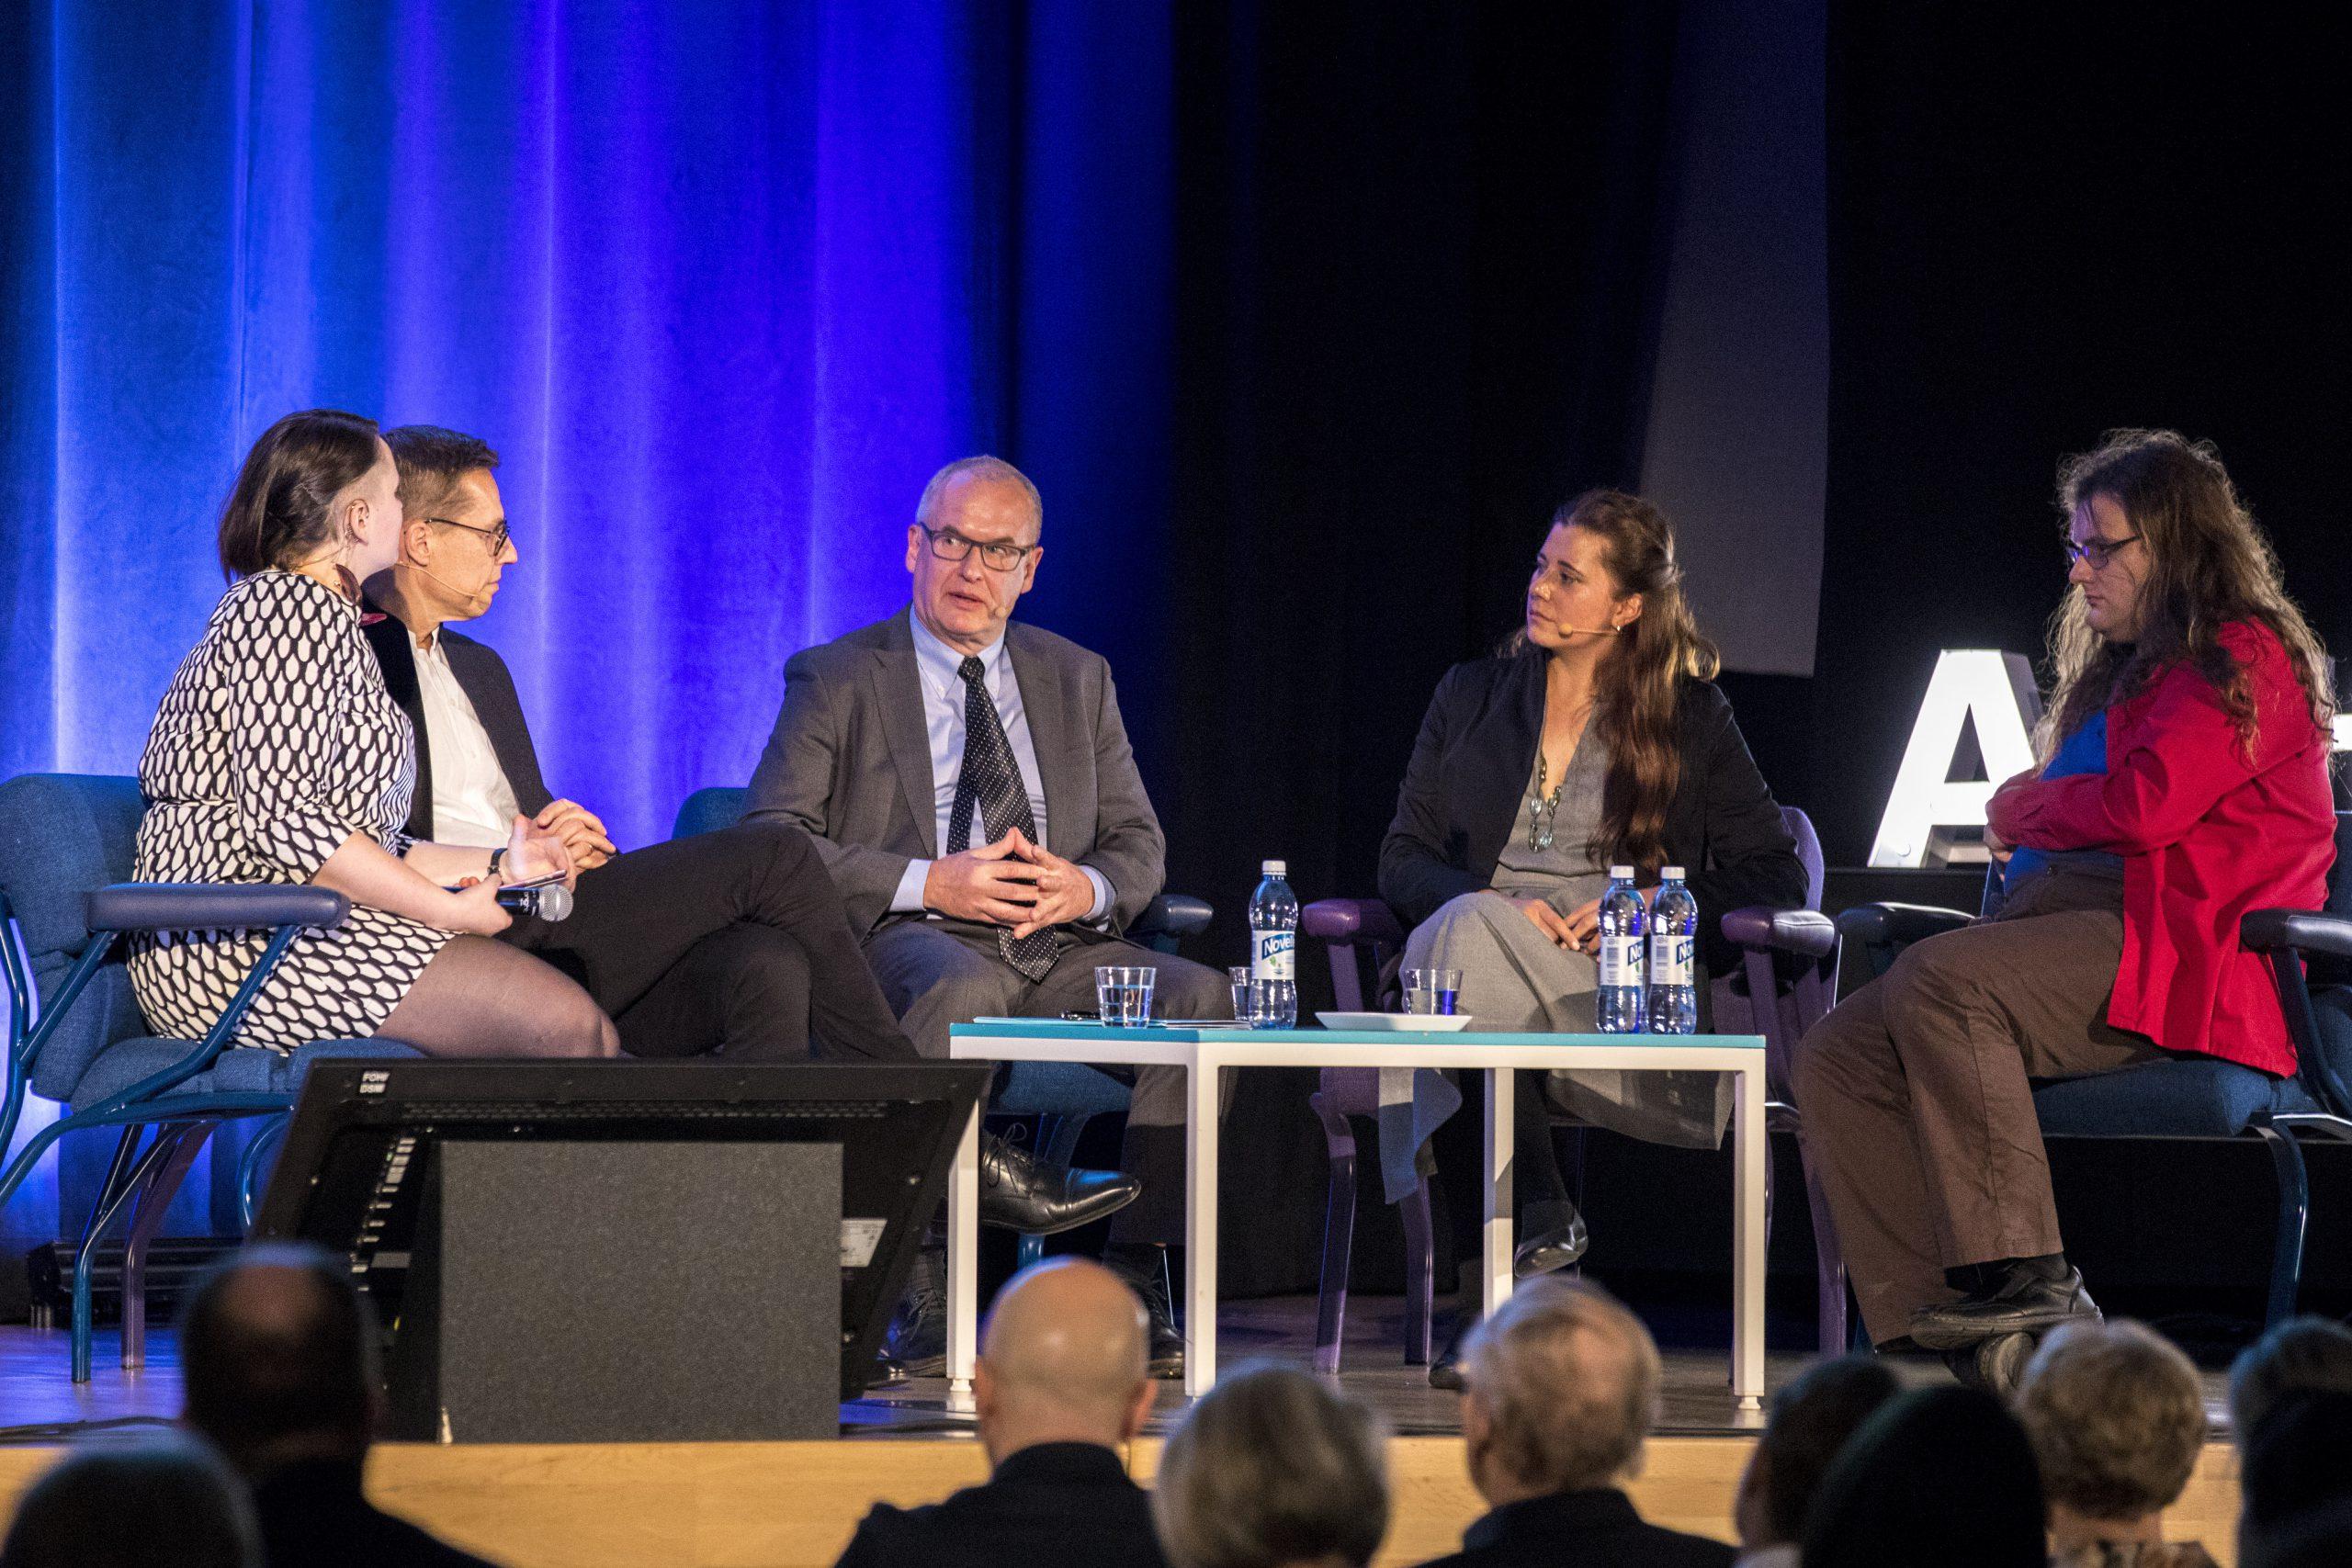 Ahtisaari-päivien vuoden 2018 yleisötilaisuus pidettiin Aalto-yliopistolla. Kuva: Mikko Raskinen